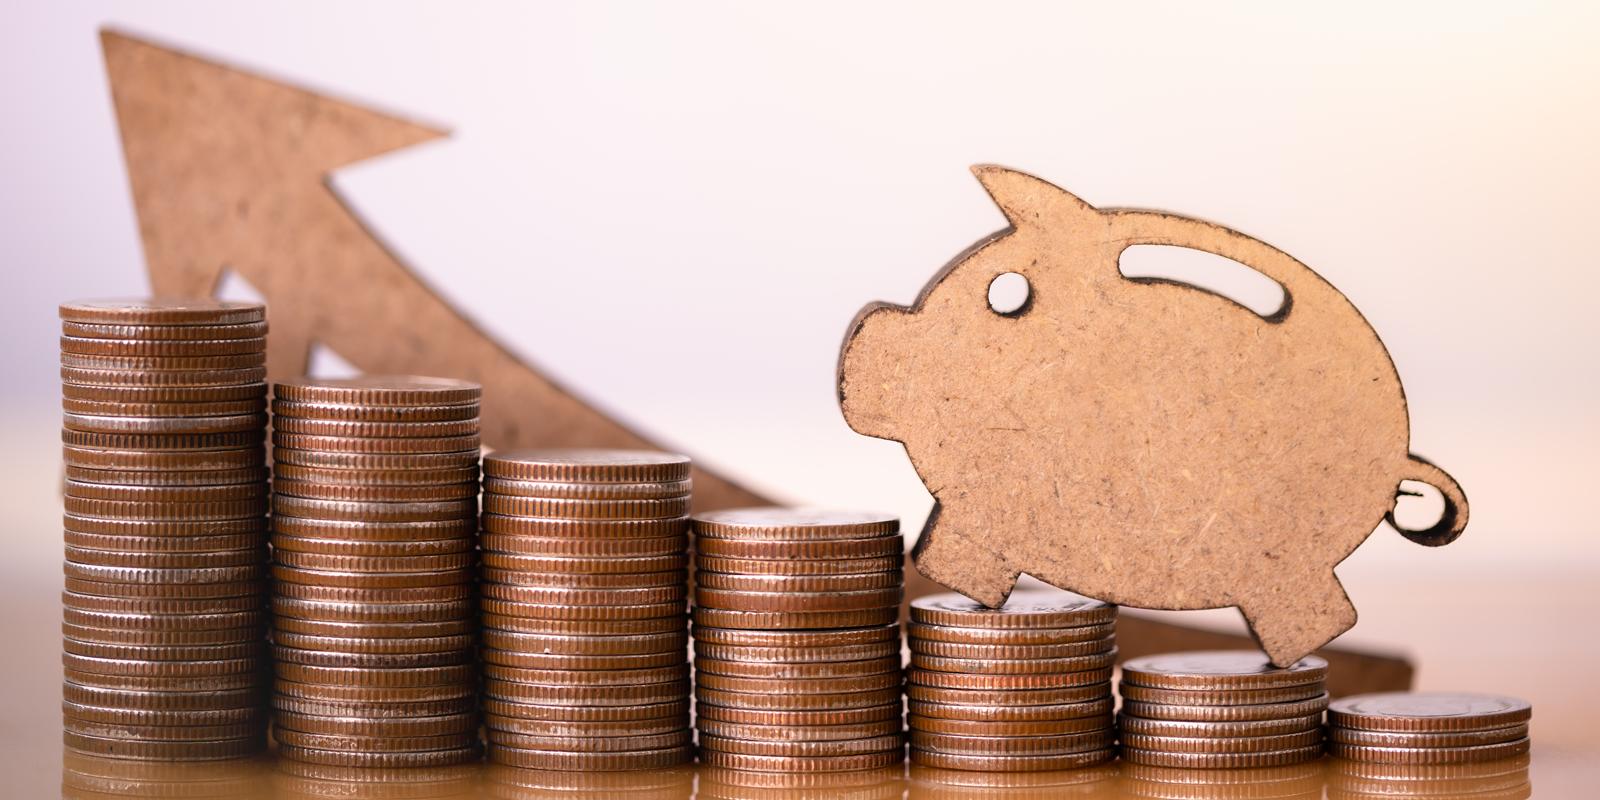 Gagner des intérêts par le biais de la DeFi (finance décentralisée)